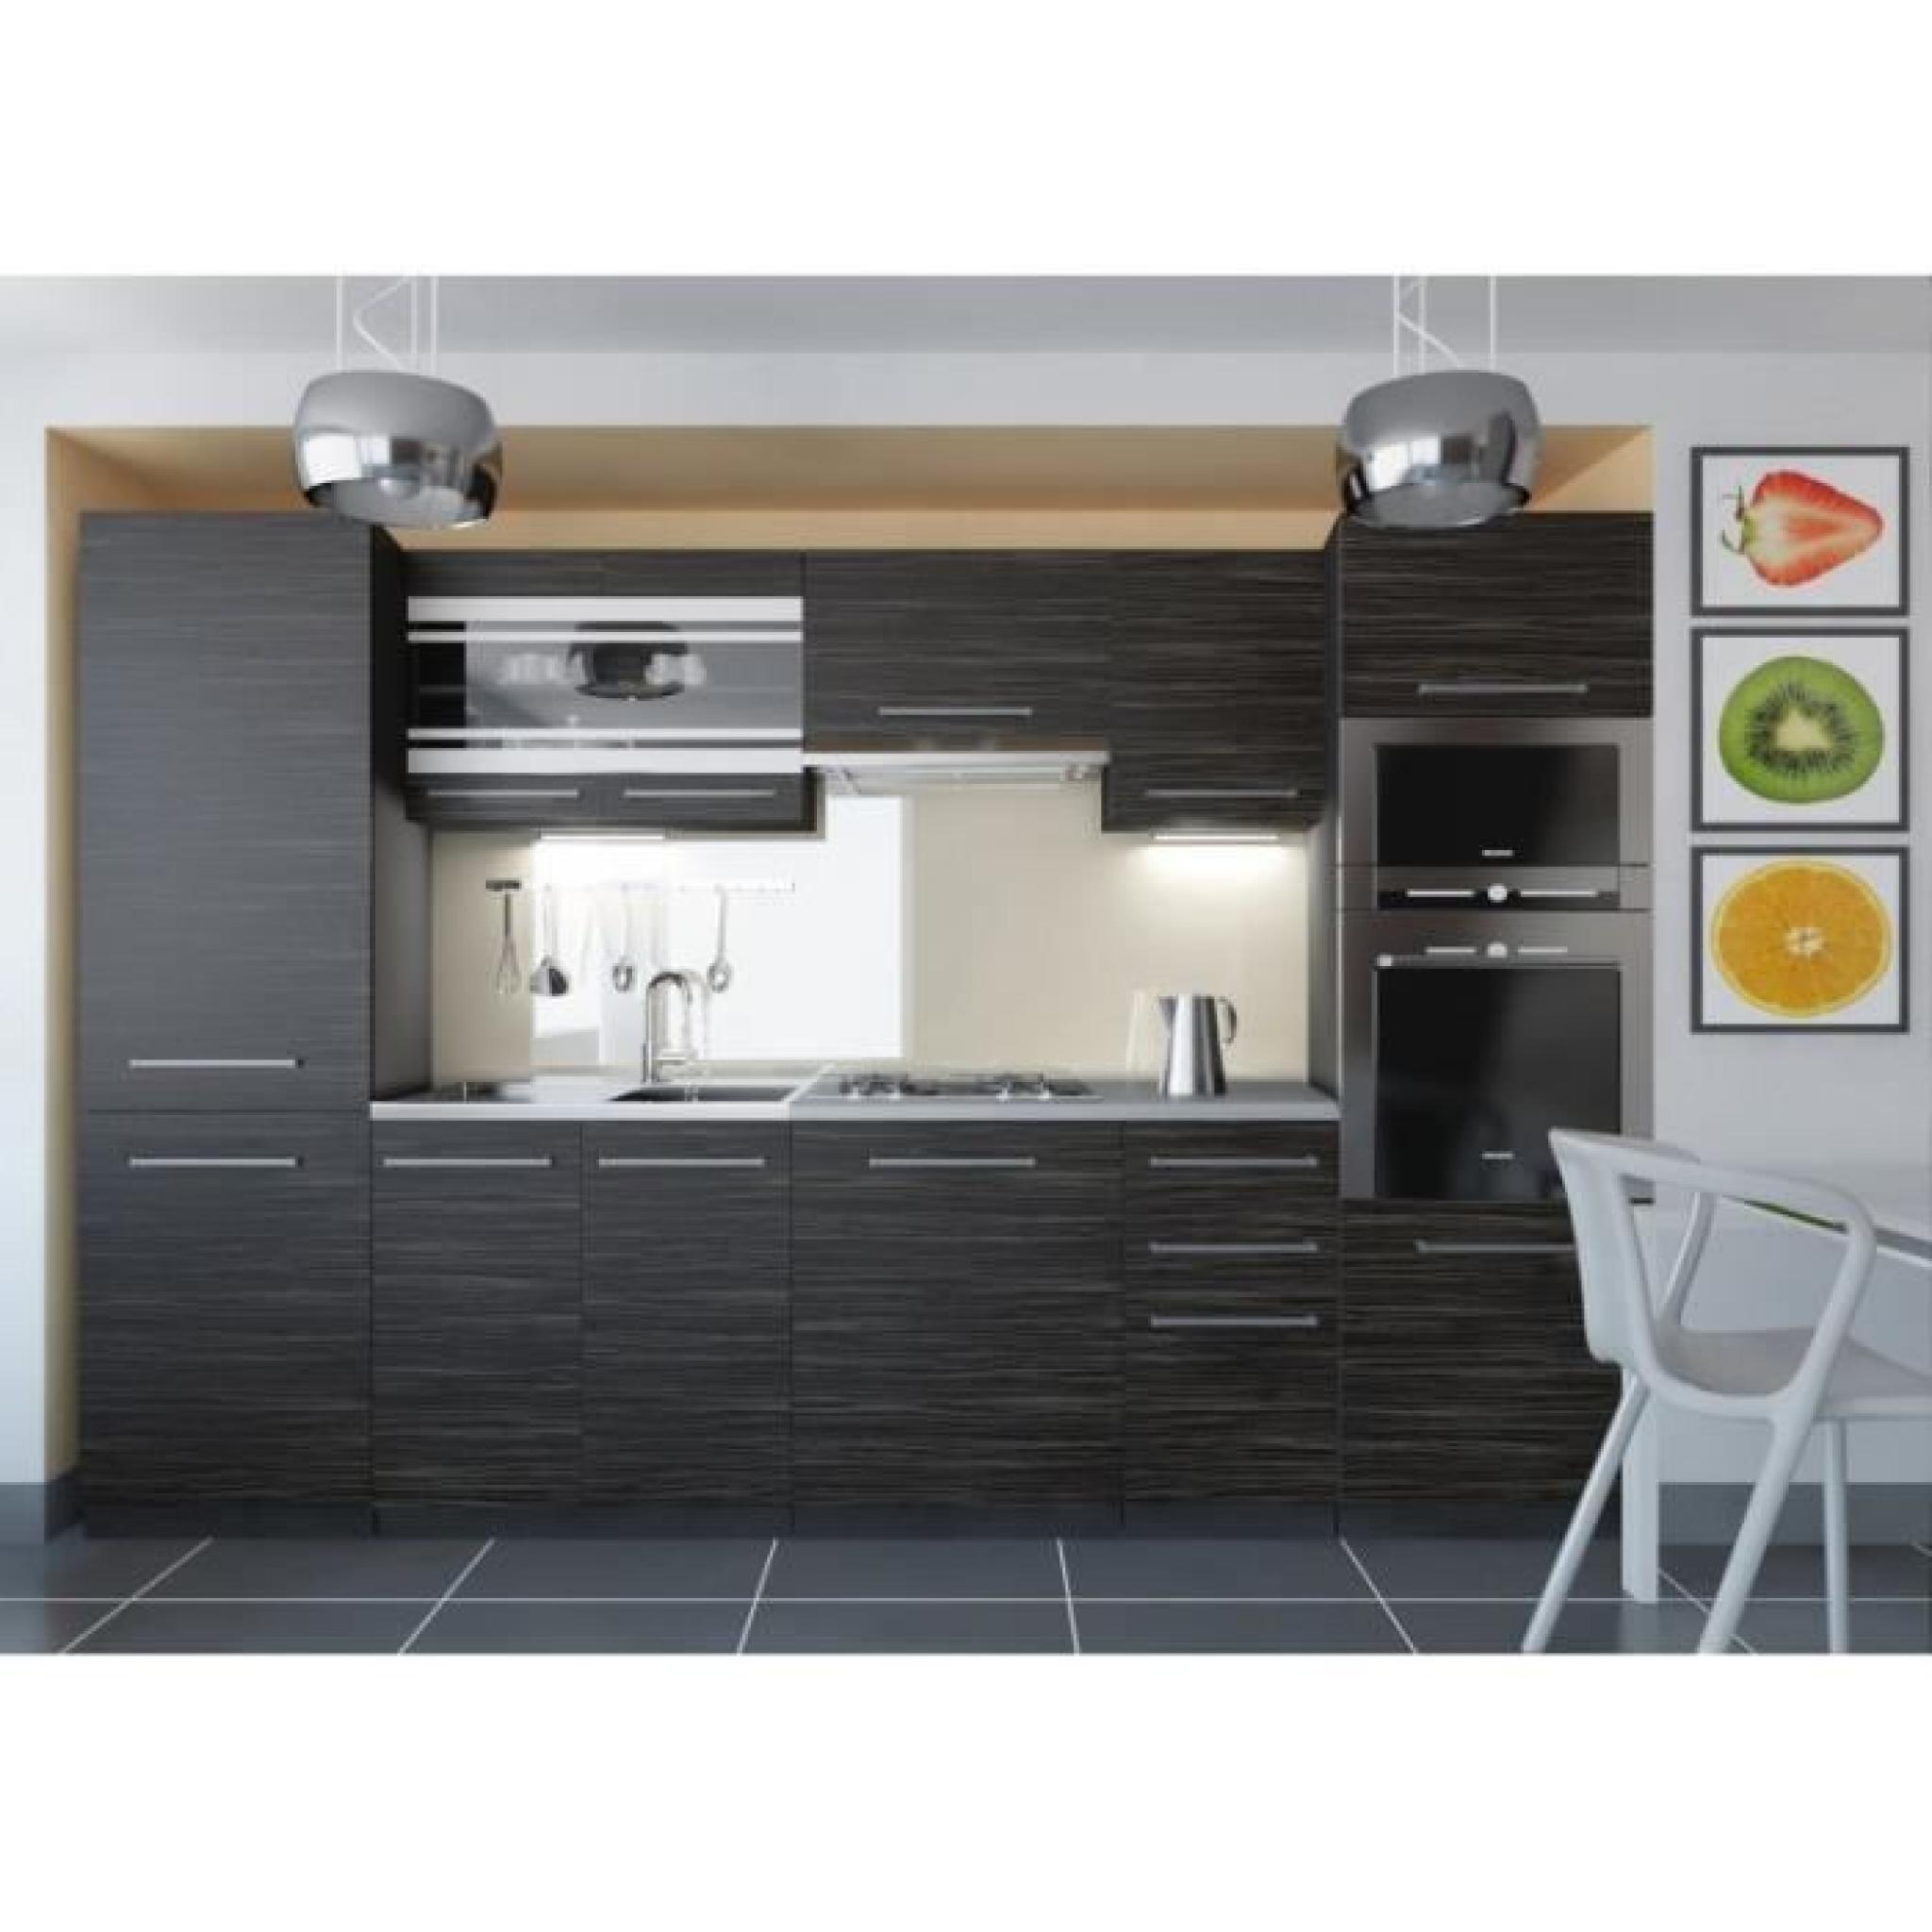 Justhome Torino 5 Cuisine Equipee Complete 300 Cm Modele De Poignee 1 Achat Vente Cuisine Complete Pas Cher Couleur Et Design Fr